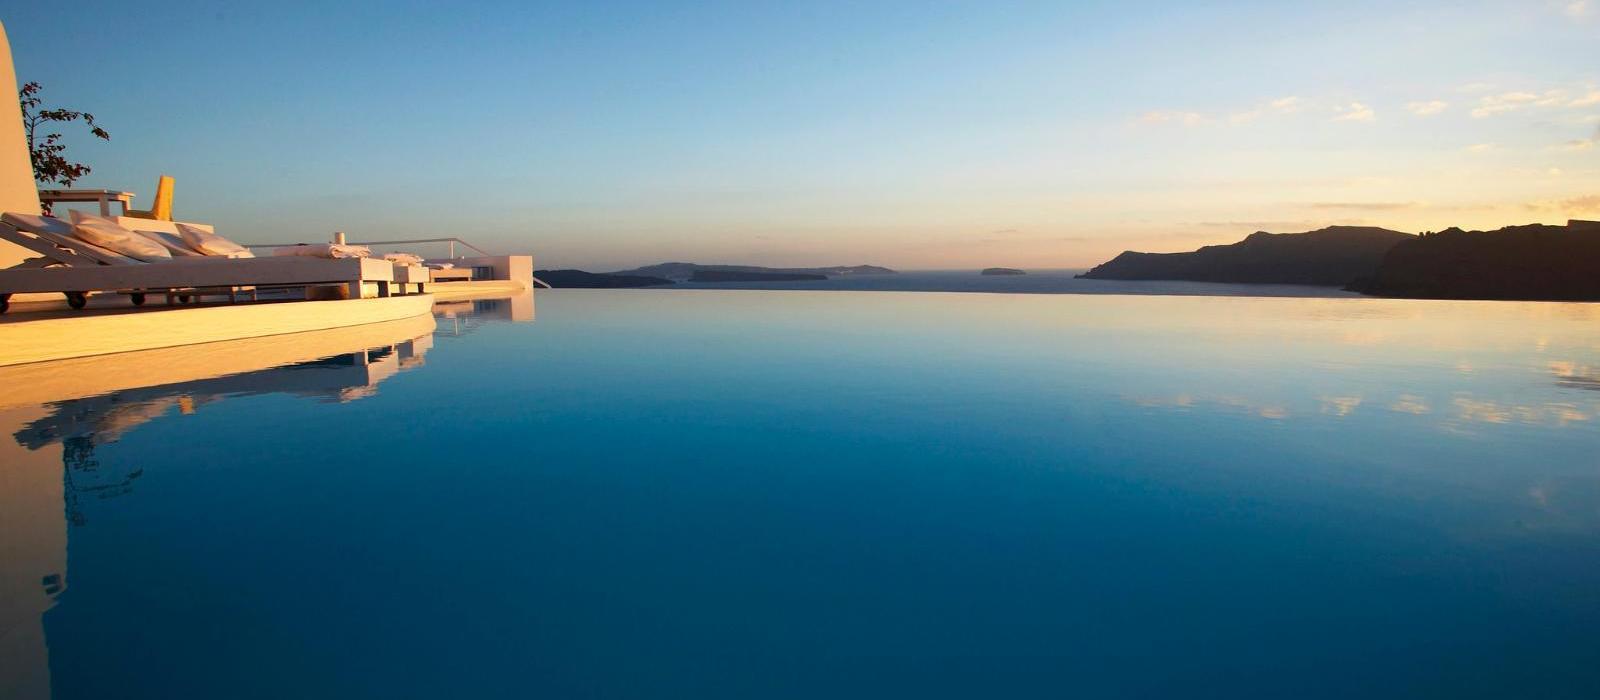 圣托里尼嘉邸祺度假酒店(Katikies Santorini) 泳池日落景观图片  www.lhw.cn